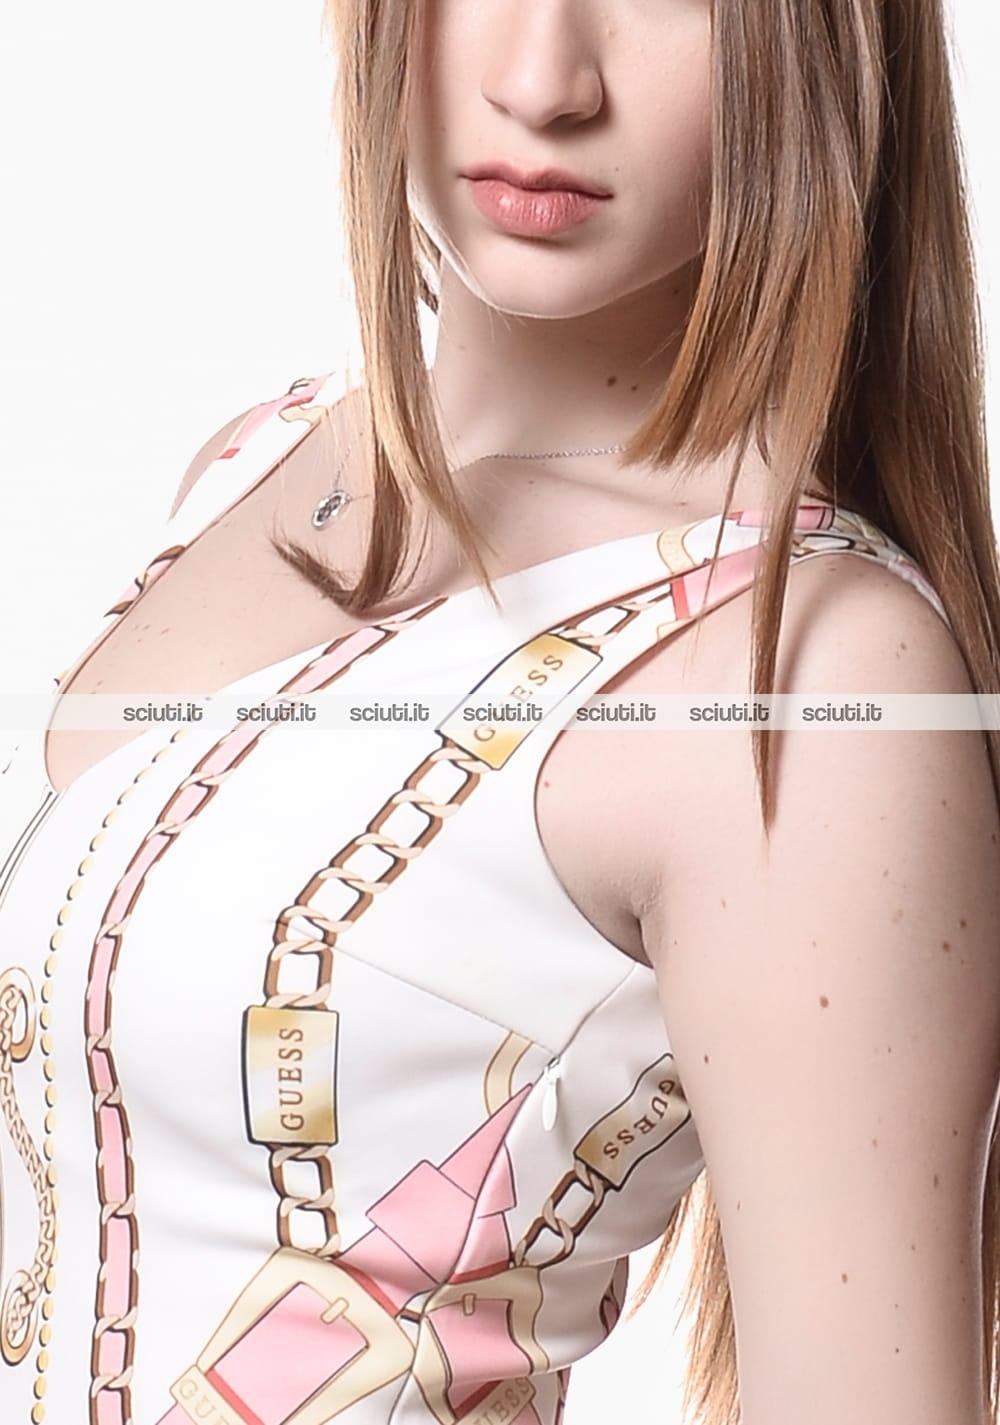 Abito Guess donna stampa catene bianco rosa | Sciuti.it